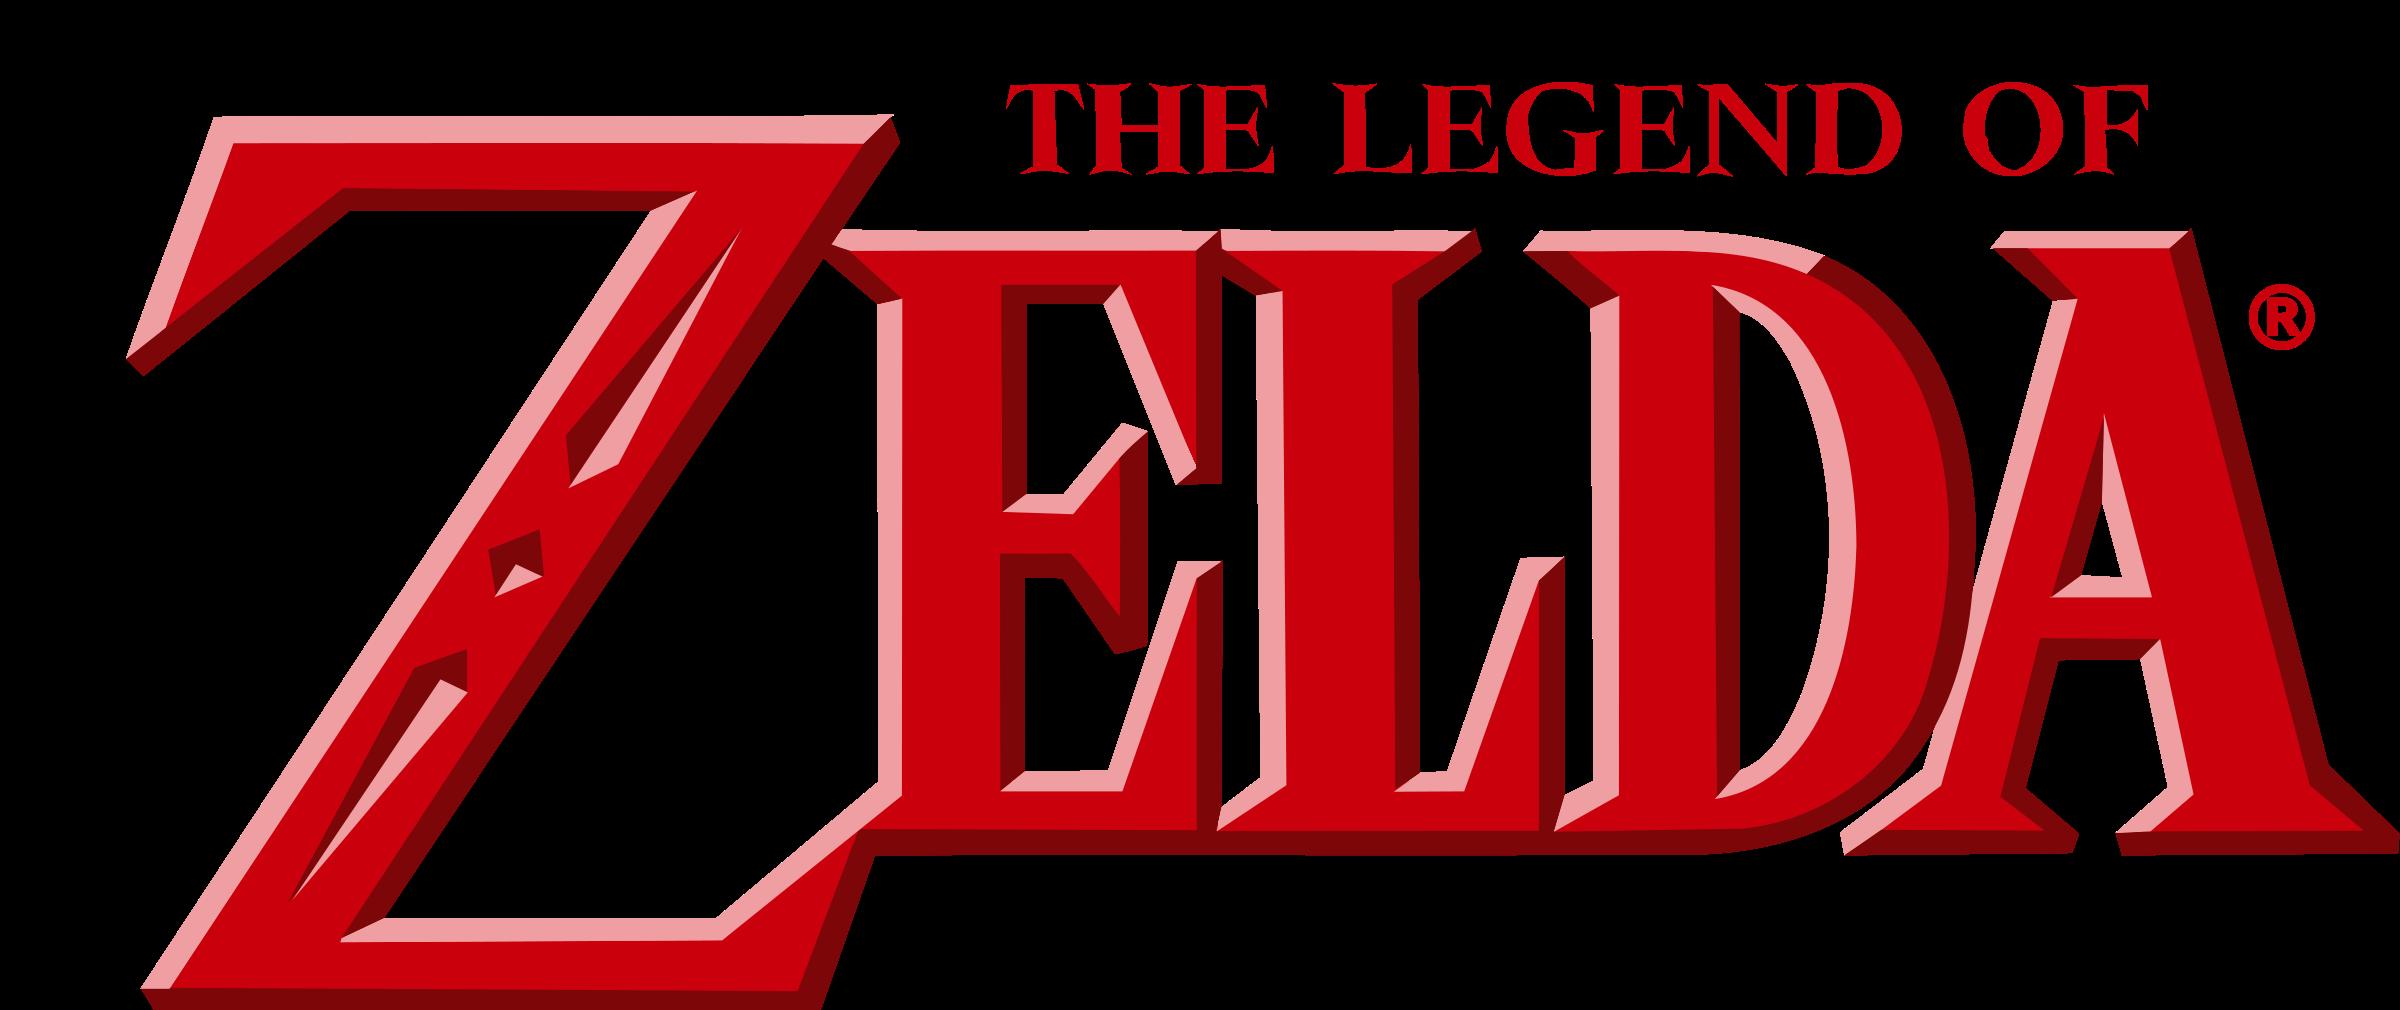 zelda-logo-png-transparent.png